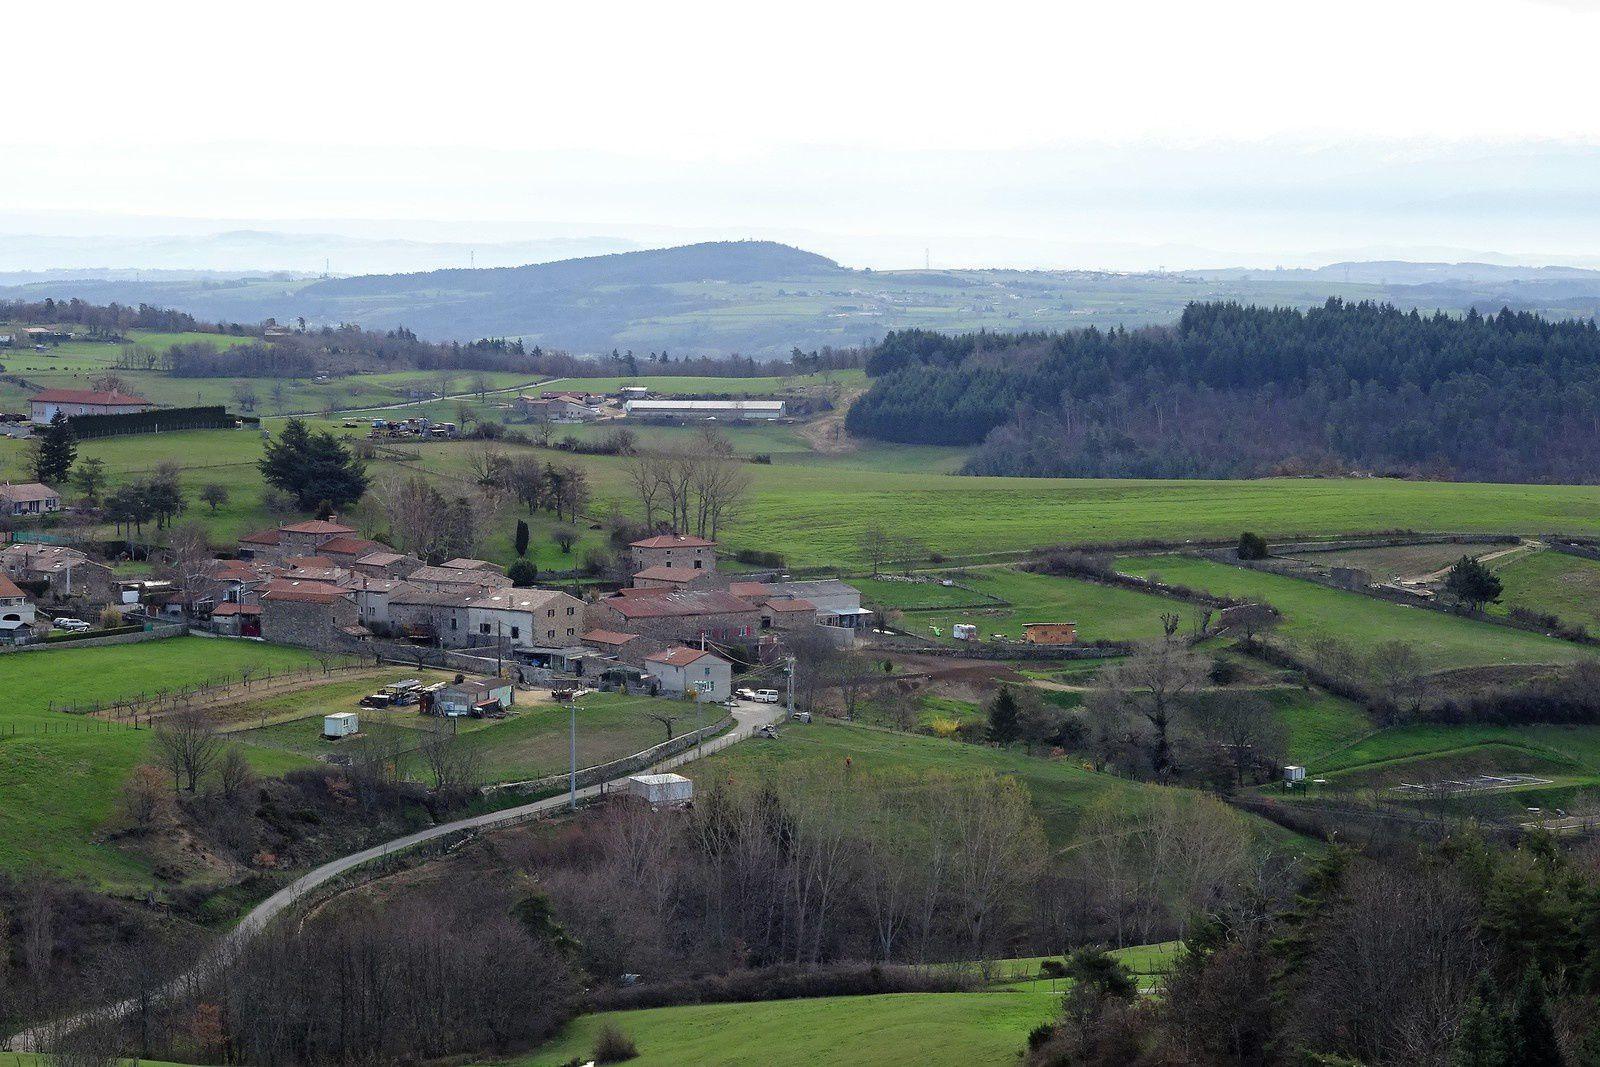 Lundi de Pâques et changement de décors, nous sommes en Ardèche, à Saint Romain d'Ay. Plus de soleil, vent fort du nord, ça caille !